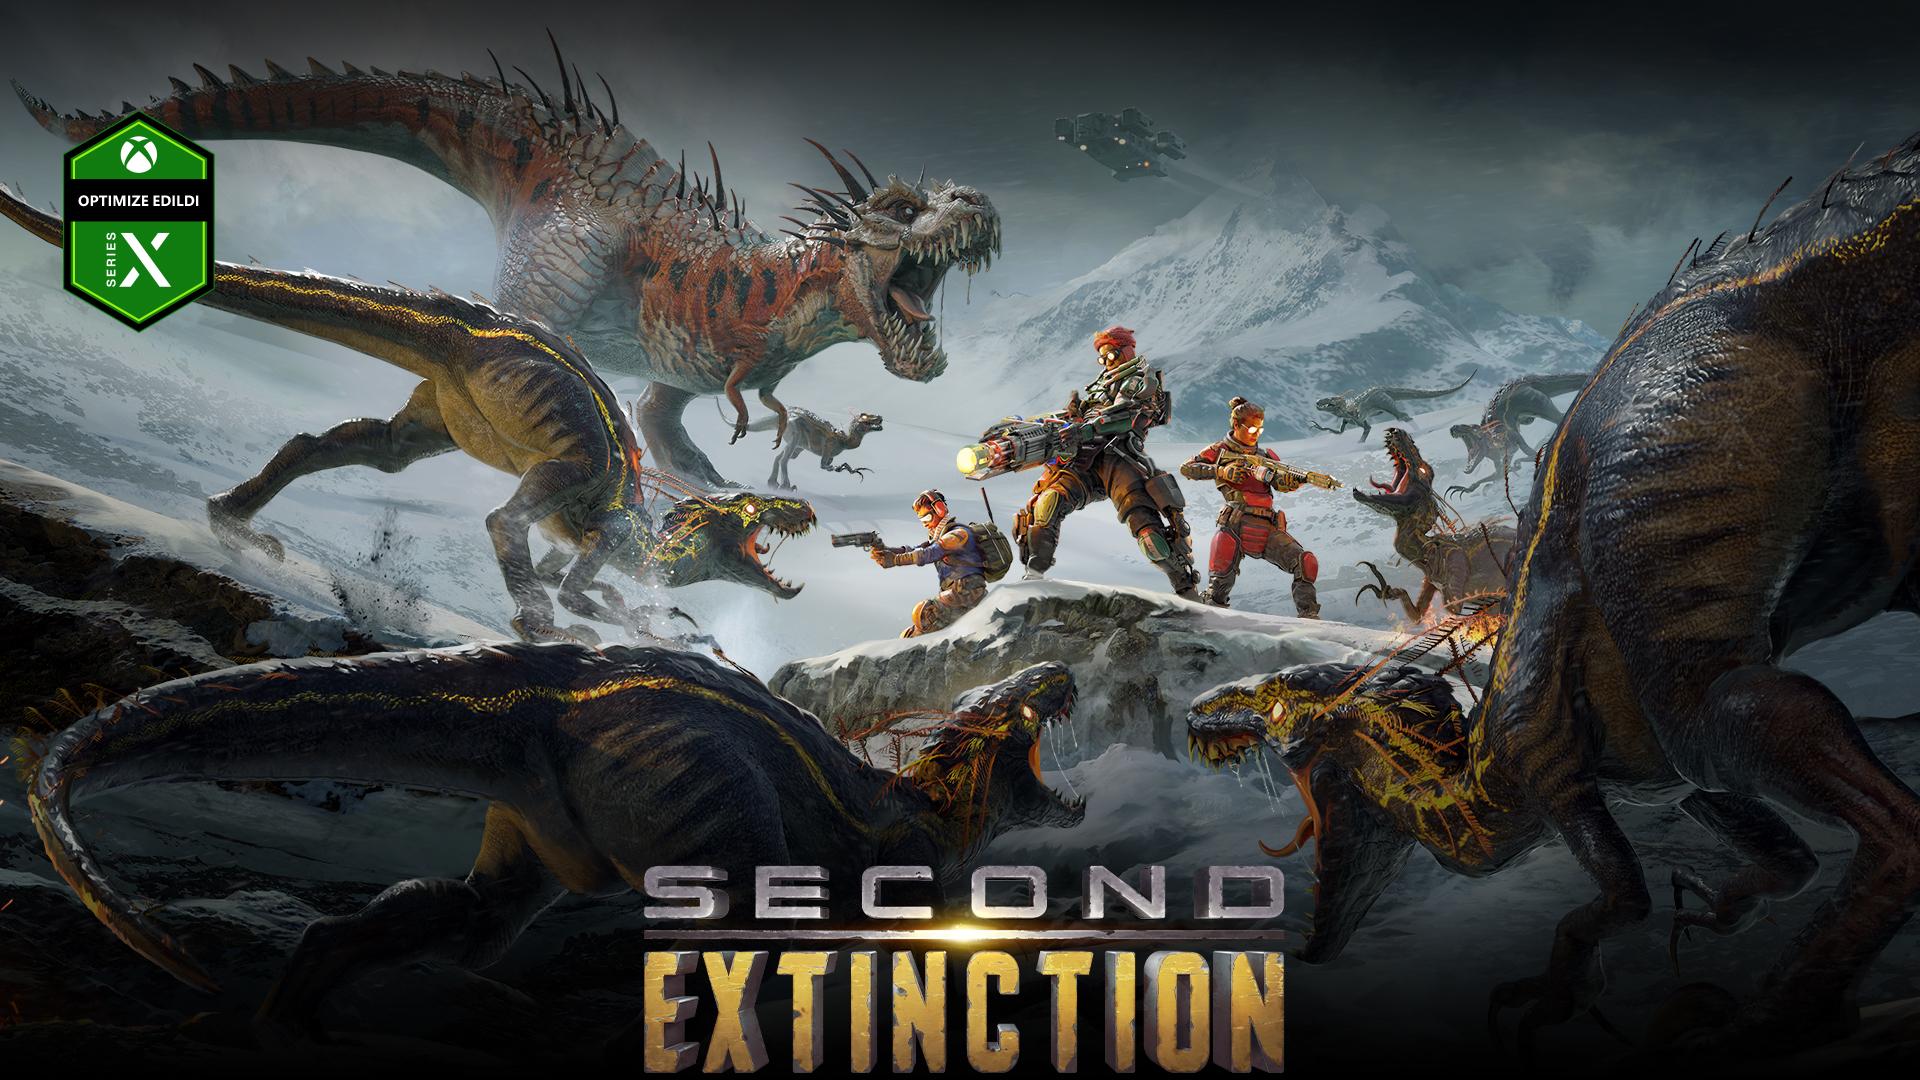 Second Extinction, Series X için Optimize Edildi, bir grup dinozorla savaşan bir grup karakter.